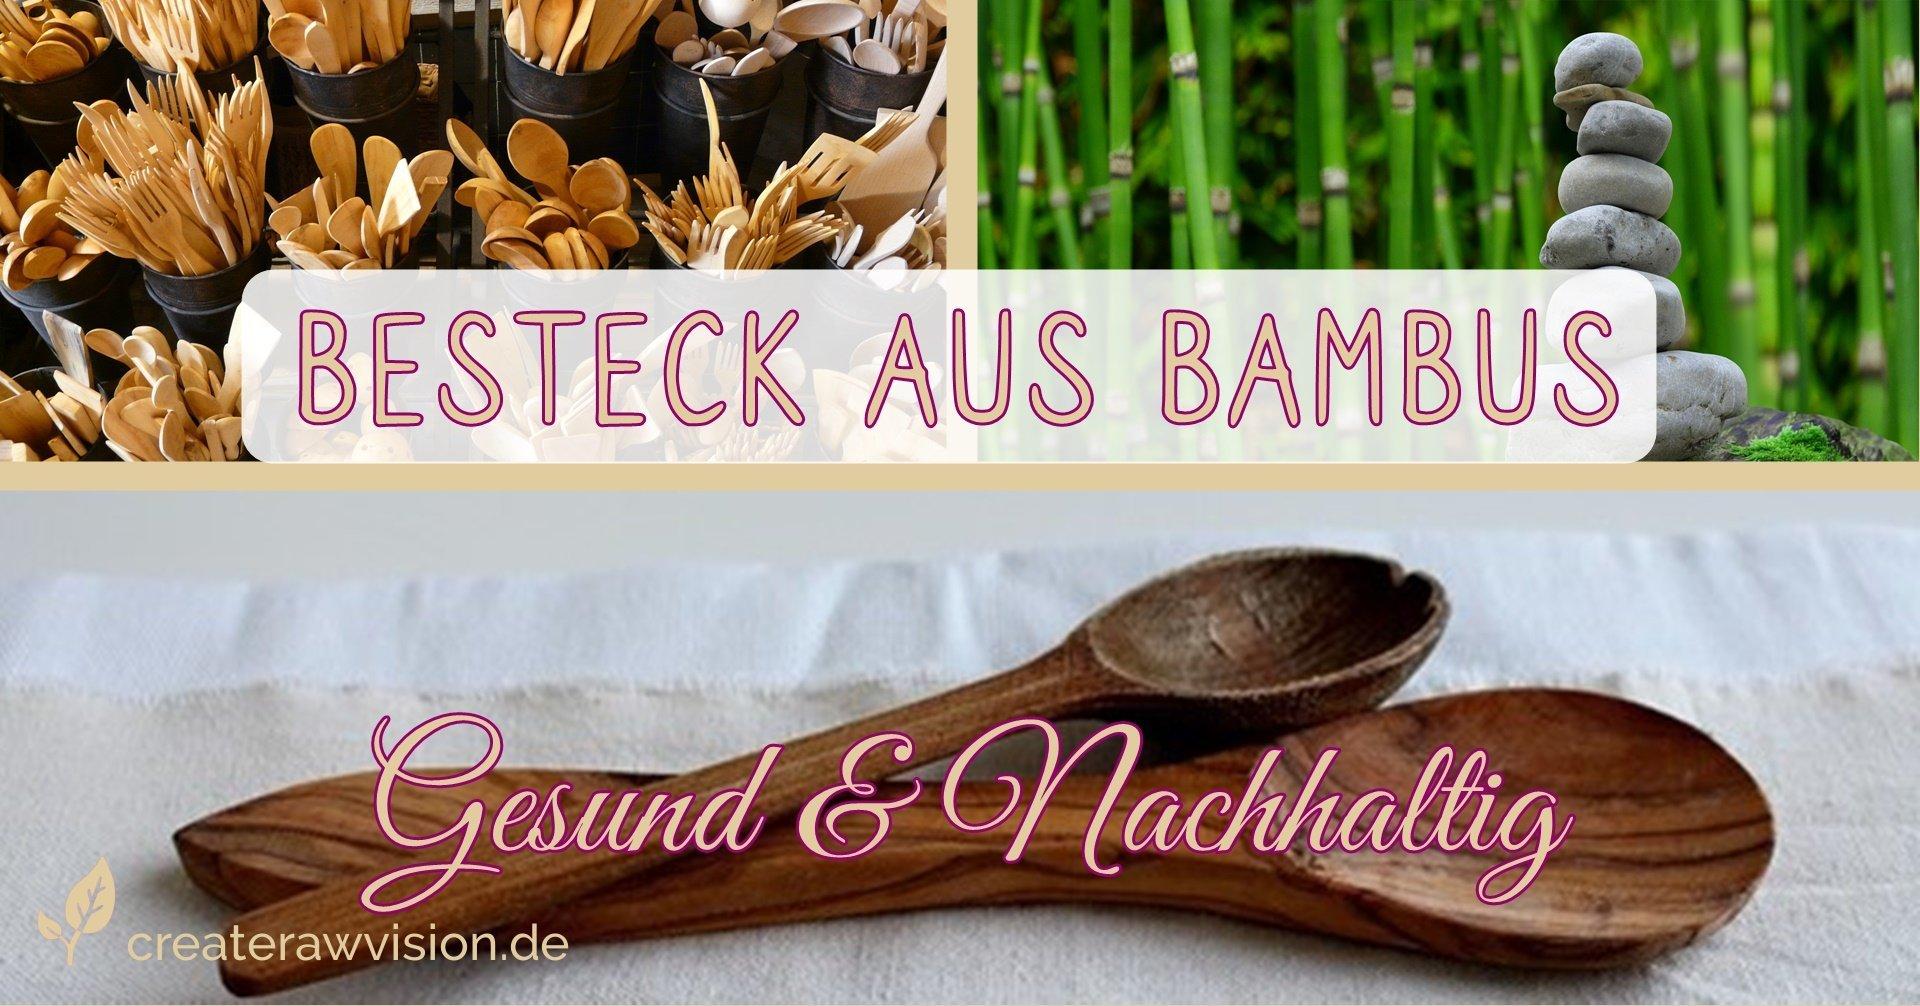 Besteck aus Bambus und Bambuspflanzen, davor Steine